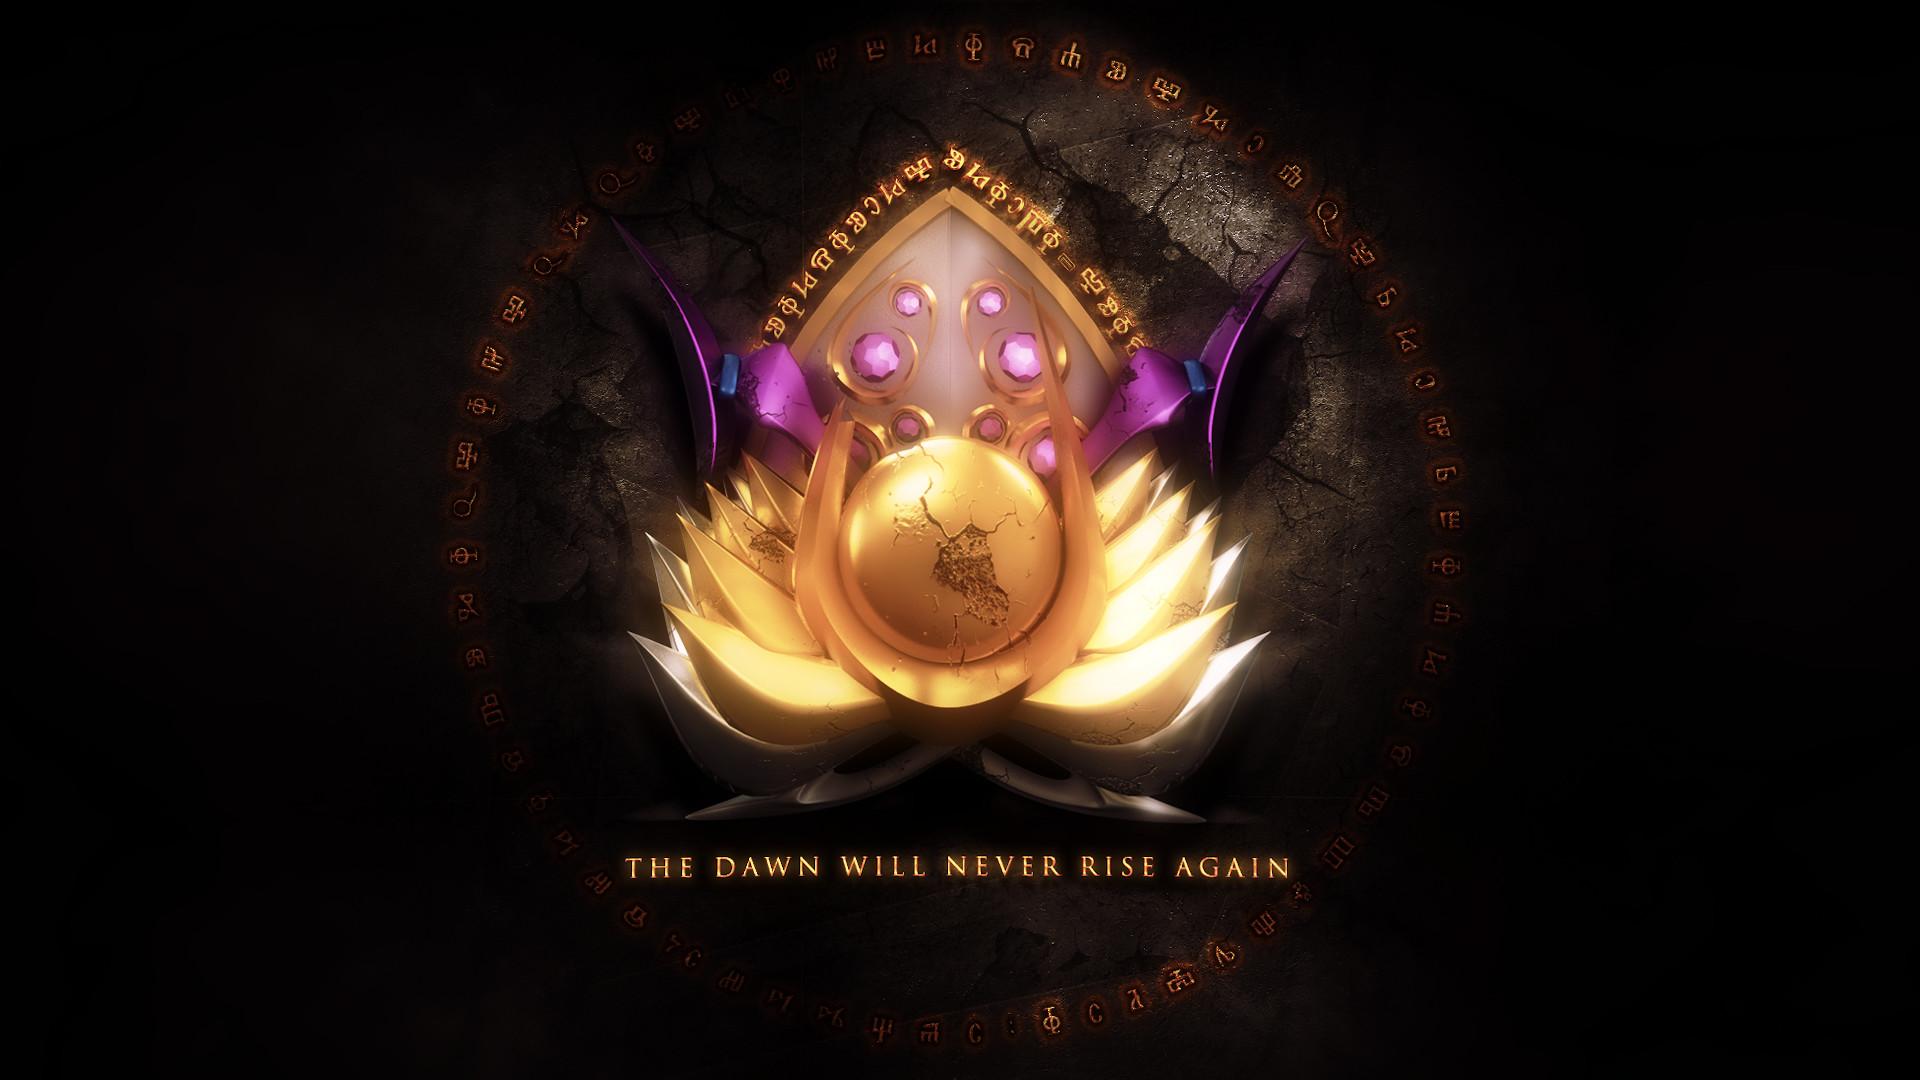 League of Legends – Diana Emblem Wallpaper by ZedArtistic.deviantart